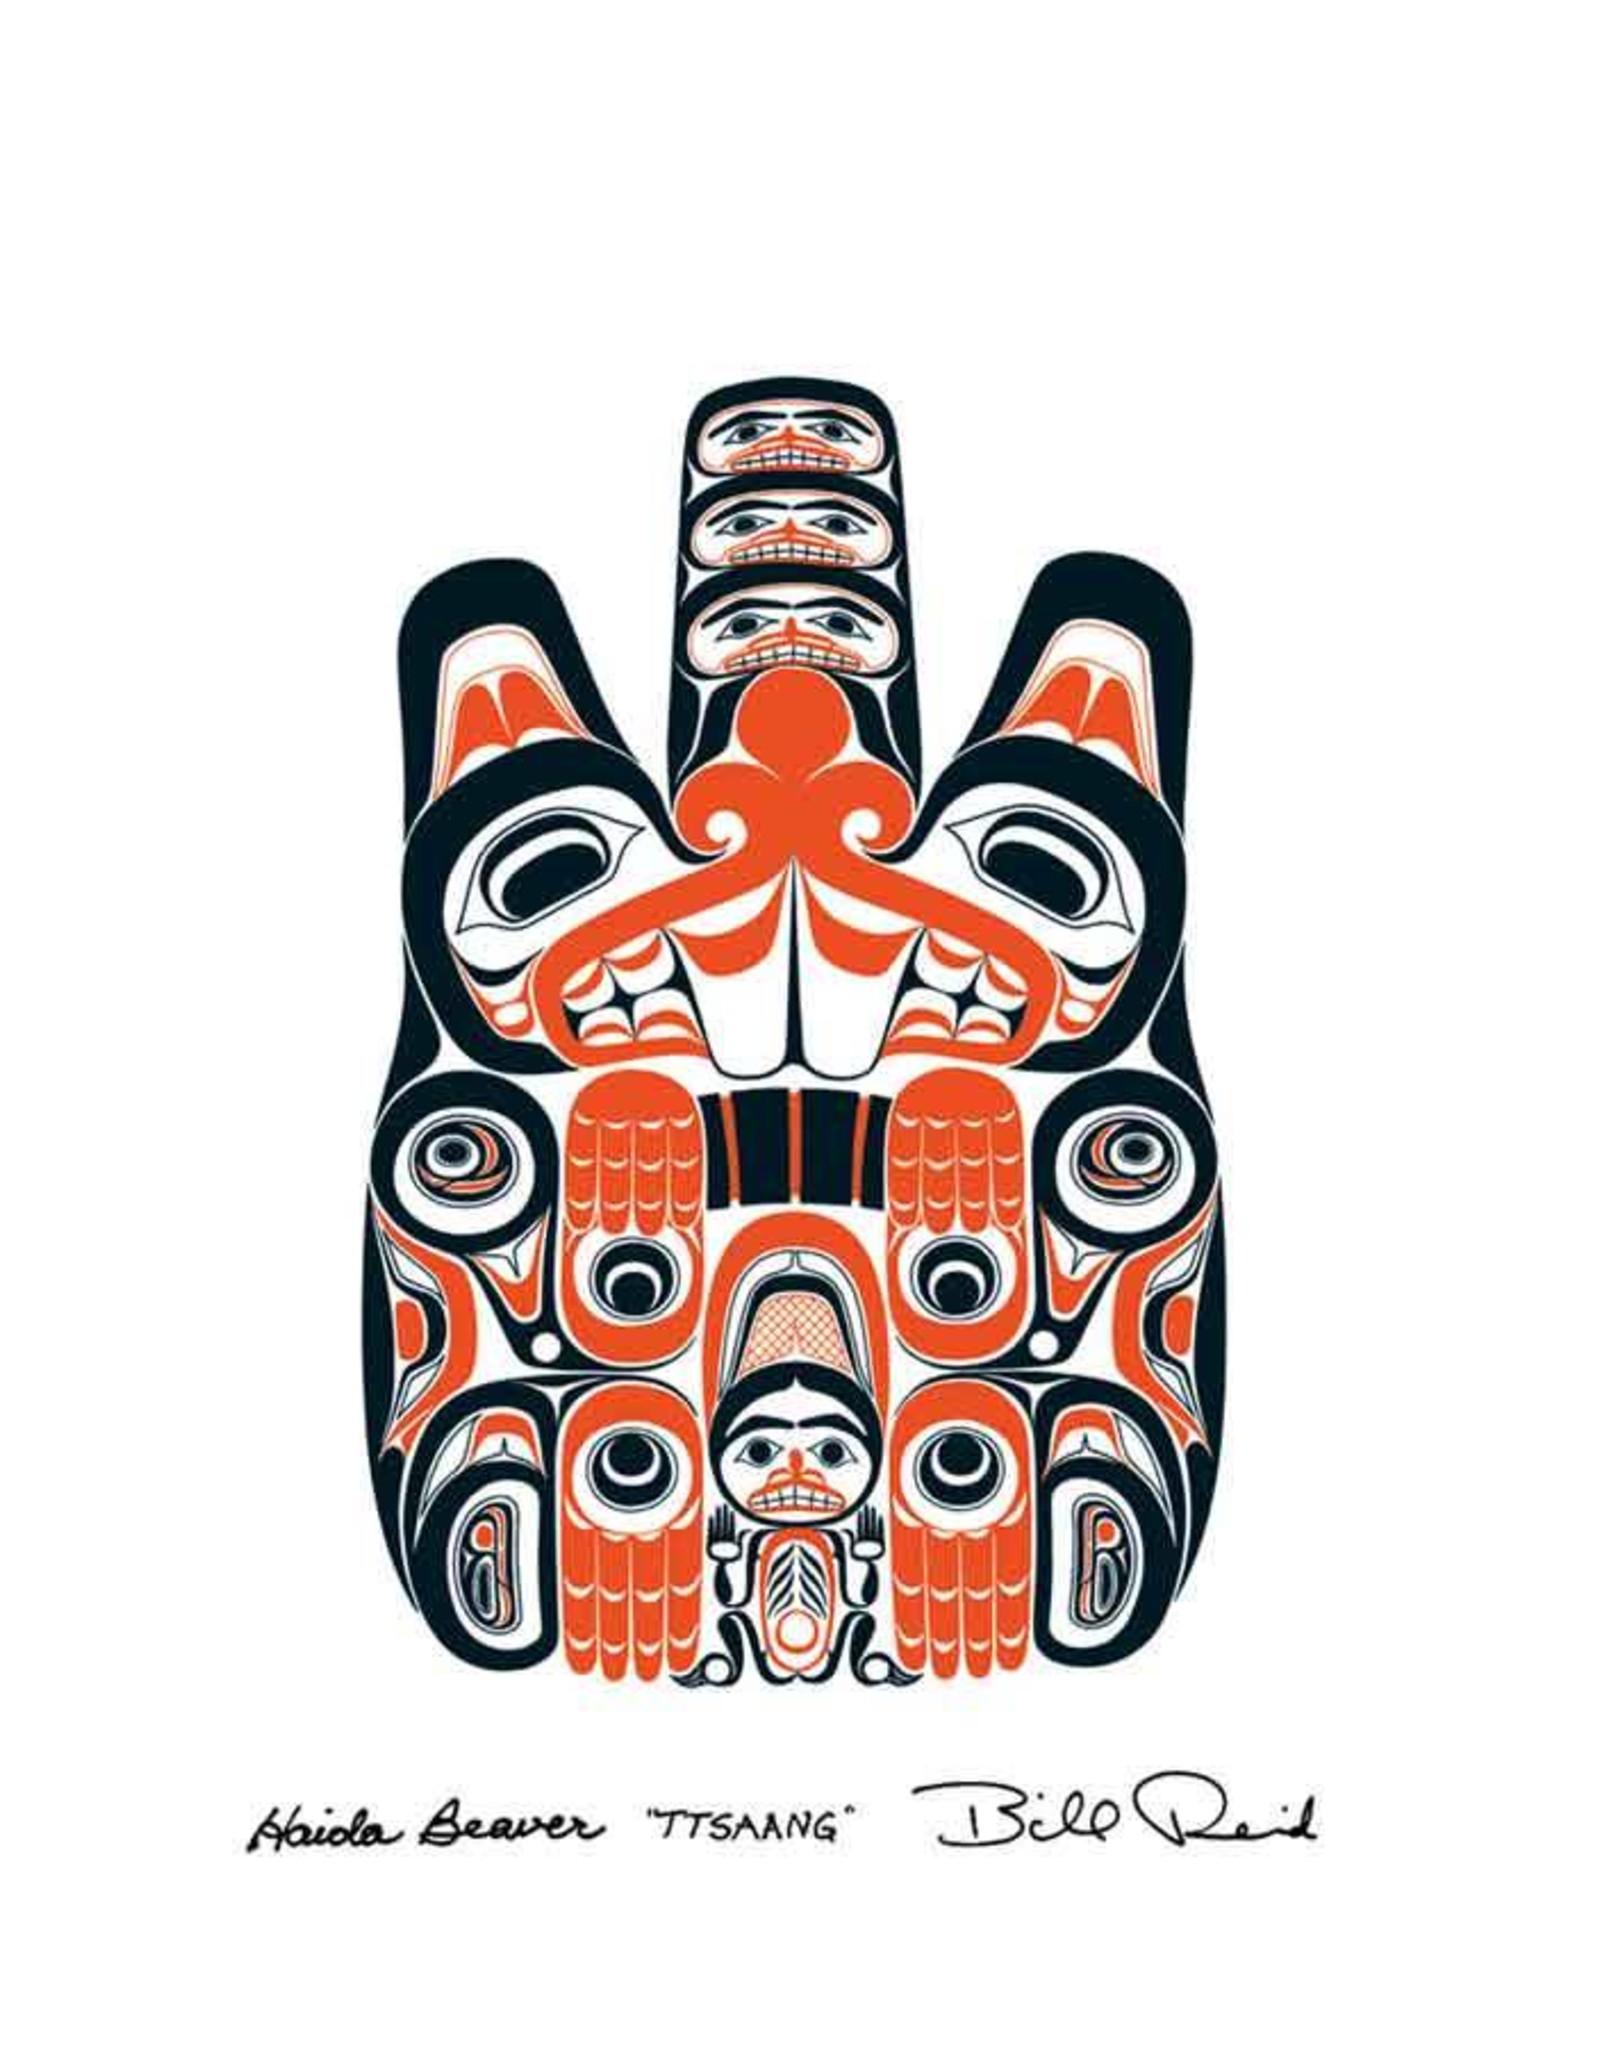 Haida Beaver - TTSAANG by Bill Reid Framed 20026